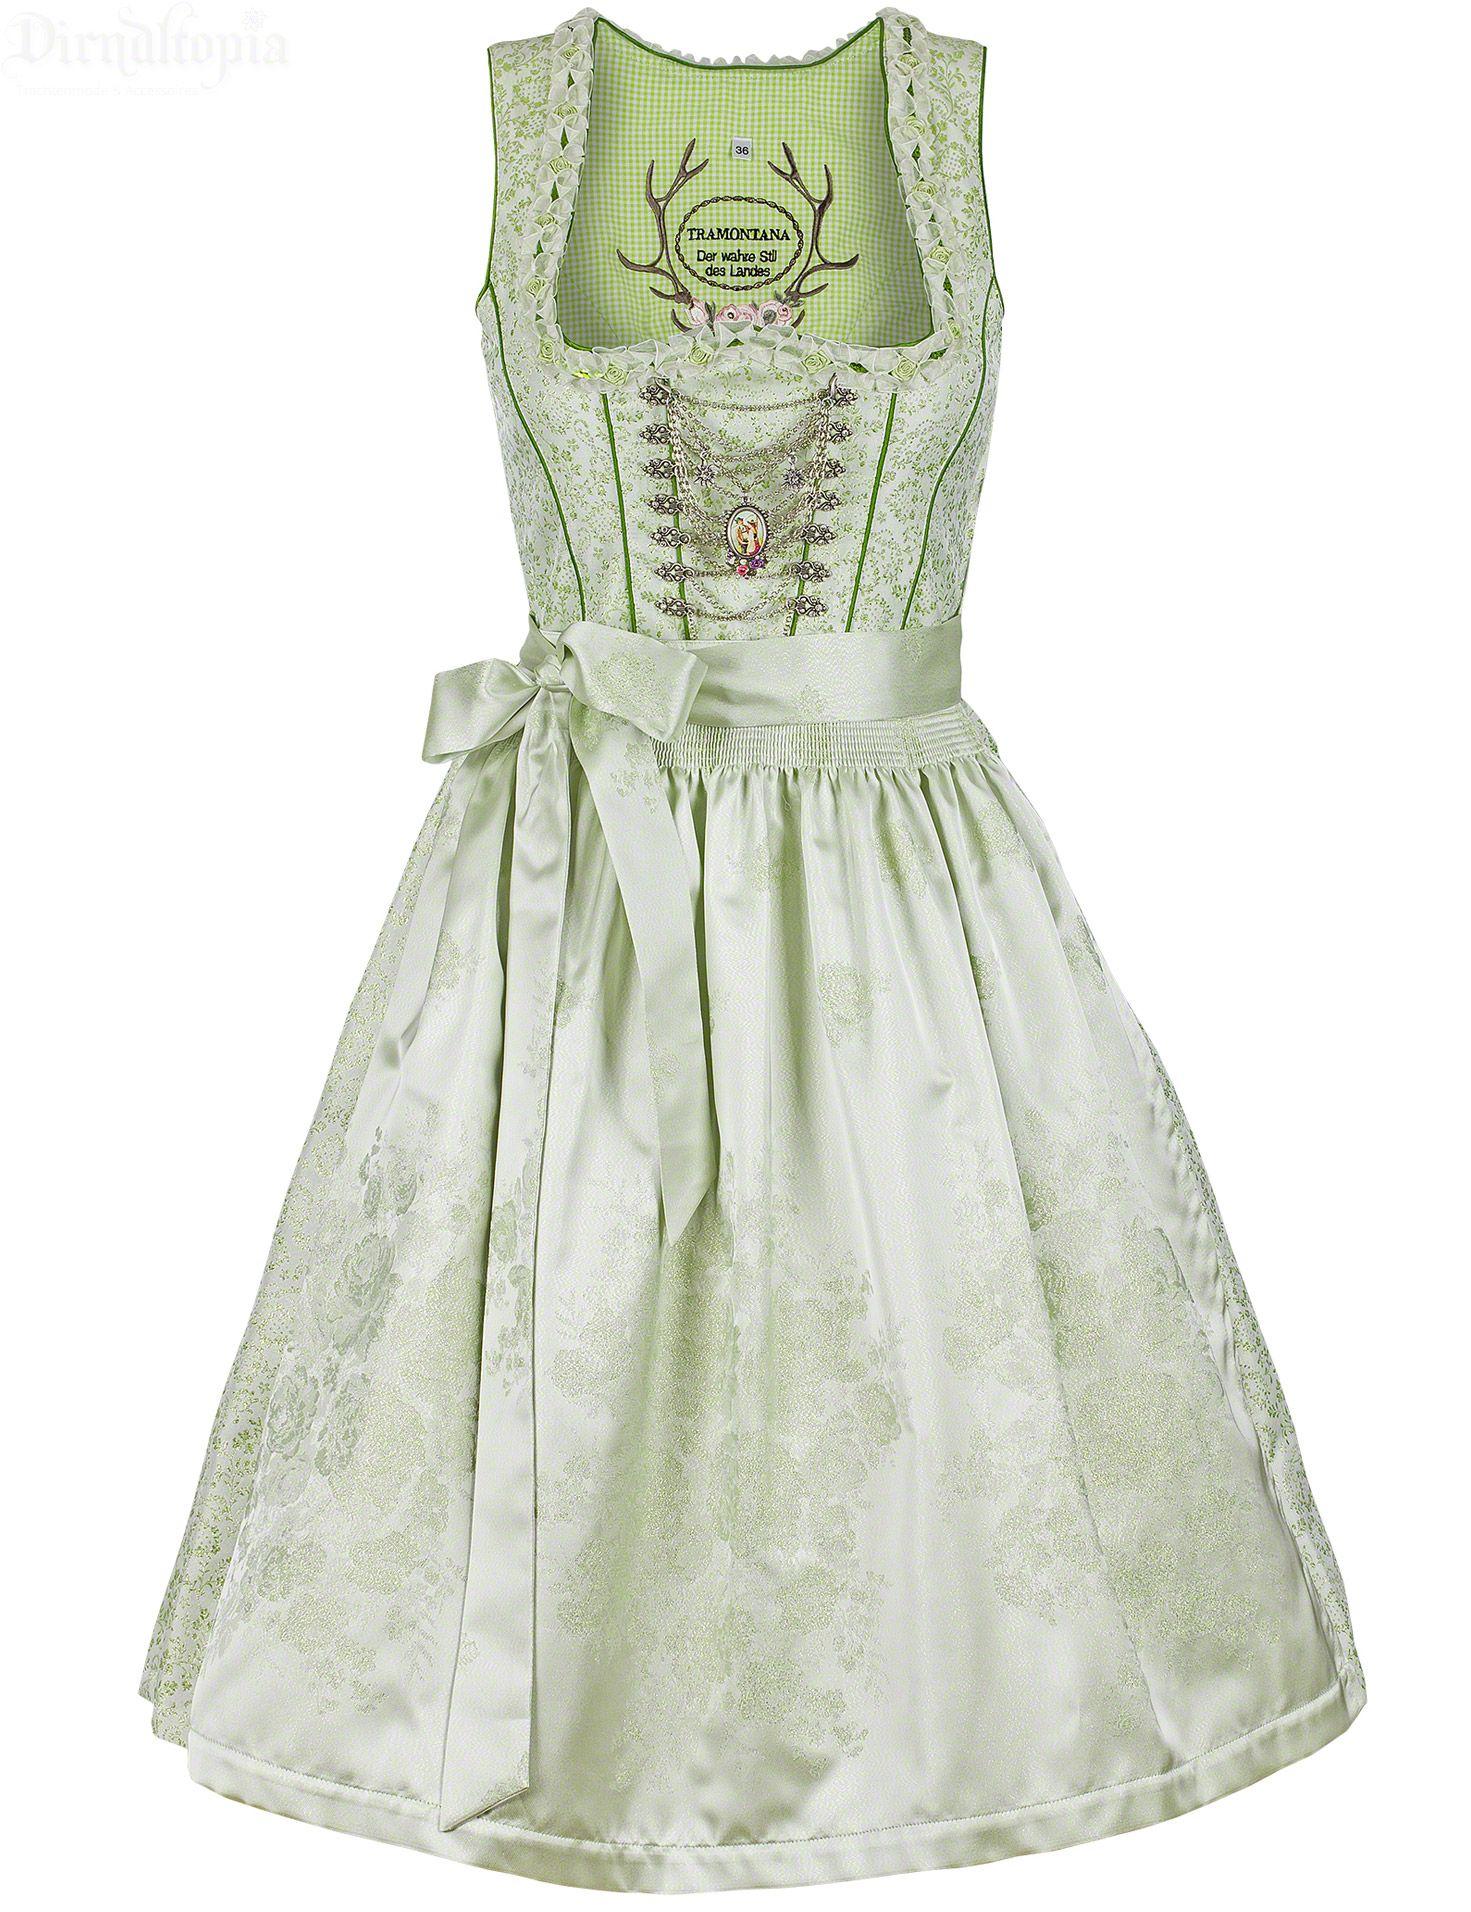 56496f70ac25a1 Designer Dirndl von Tramontana auch als Hochzeitsdirndl ein absoluter  Euycatcher kostbarer Jacquardstoff mit feinem Blumenranken-Muster tiefer ...